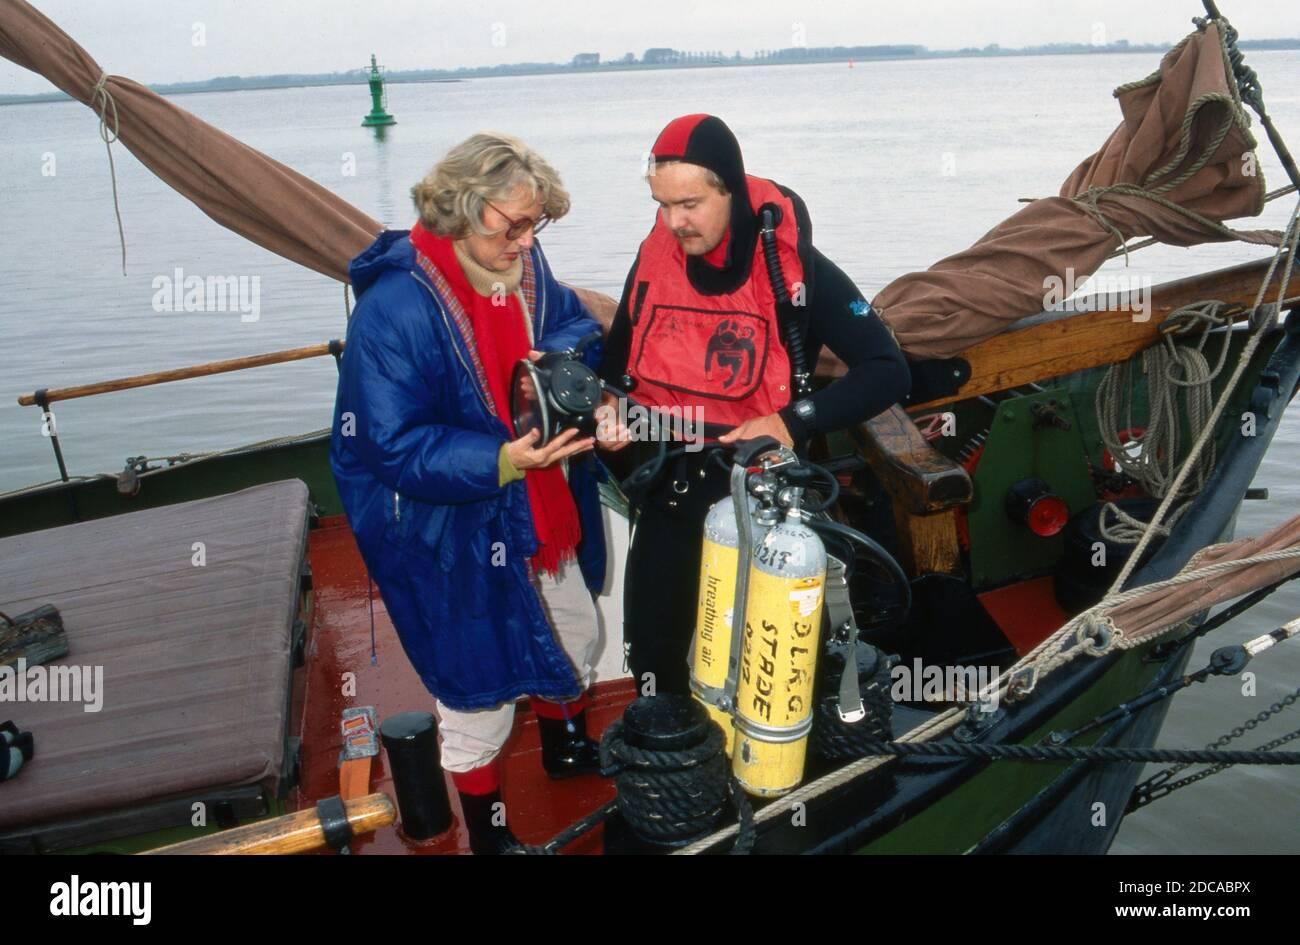 """Gisela Graichen, deutsche Fernsehjournalistin und Autorin, mit Taucher an Bord des Segelboots """"Heinrich Lühe"""" für die ZDF Archäolgie-Sendung """"C14"""", Deutschland 1991. Stock Photo"""